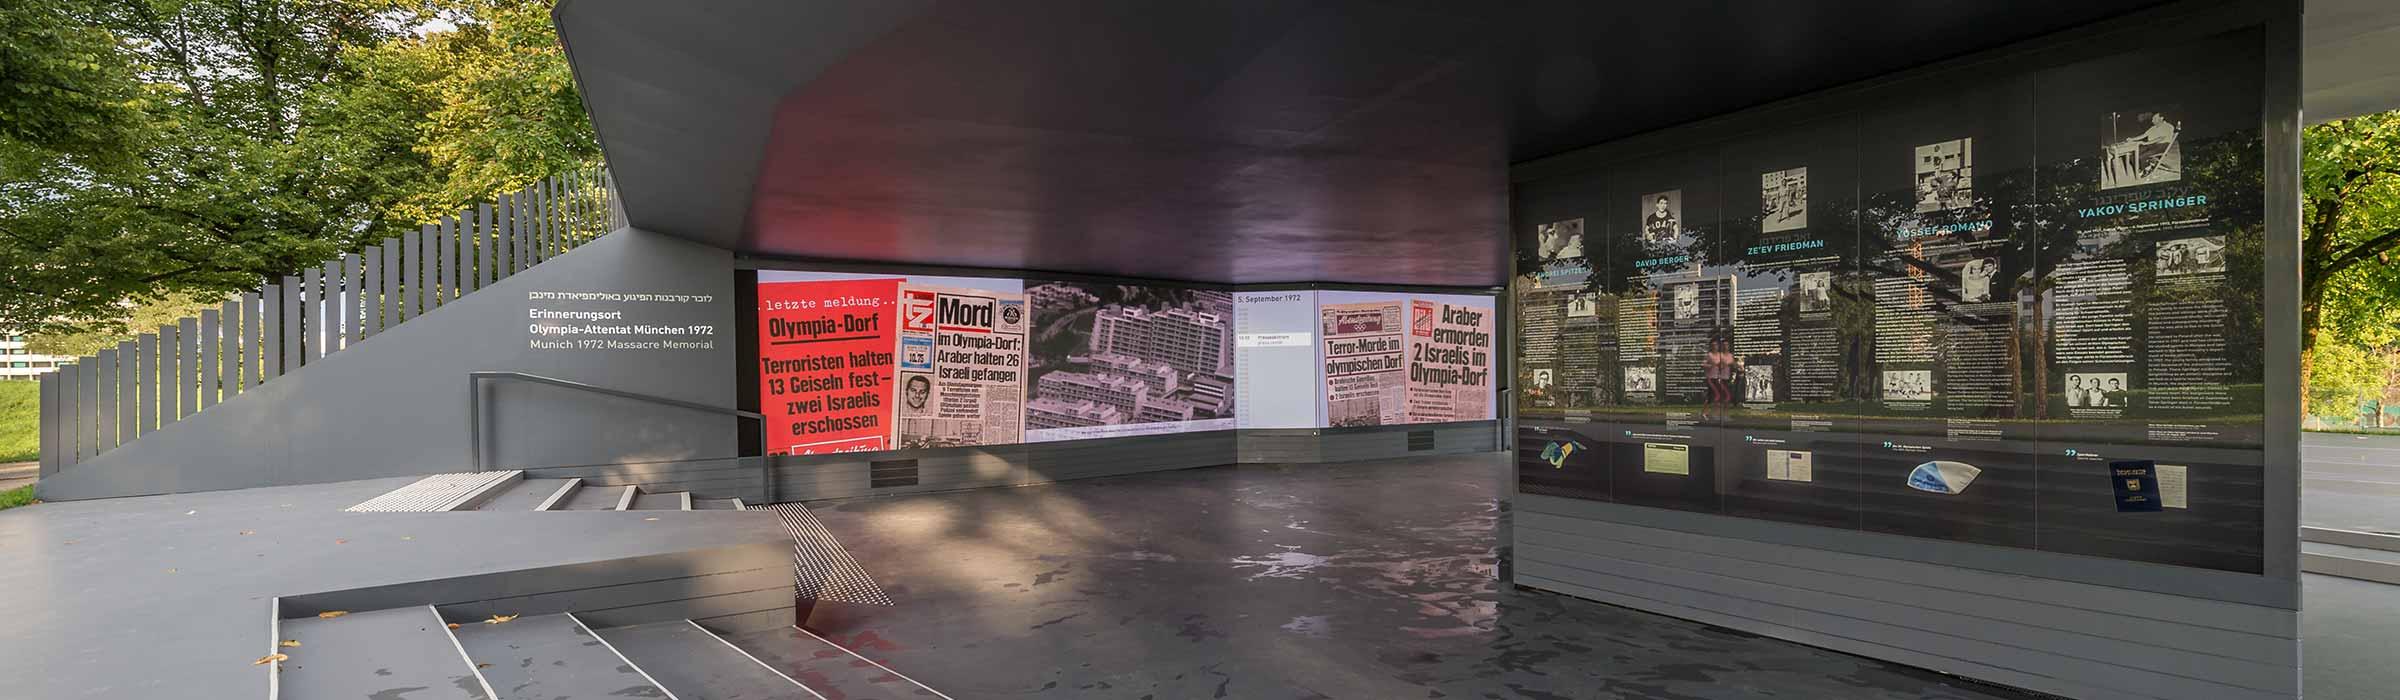 Erinnerungsort Olympia-Attentat München 1972